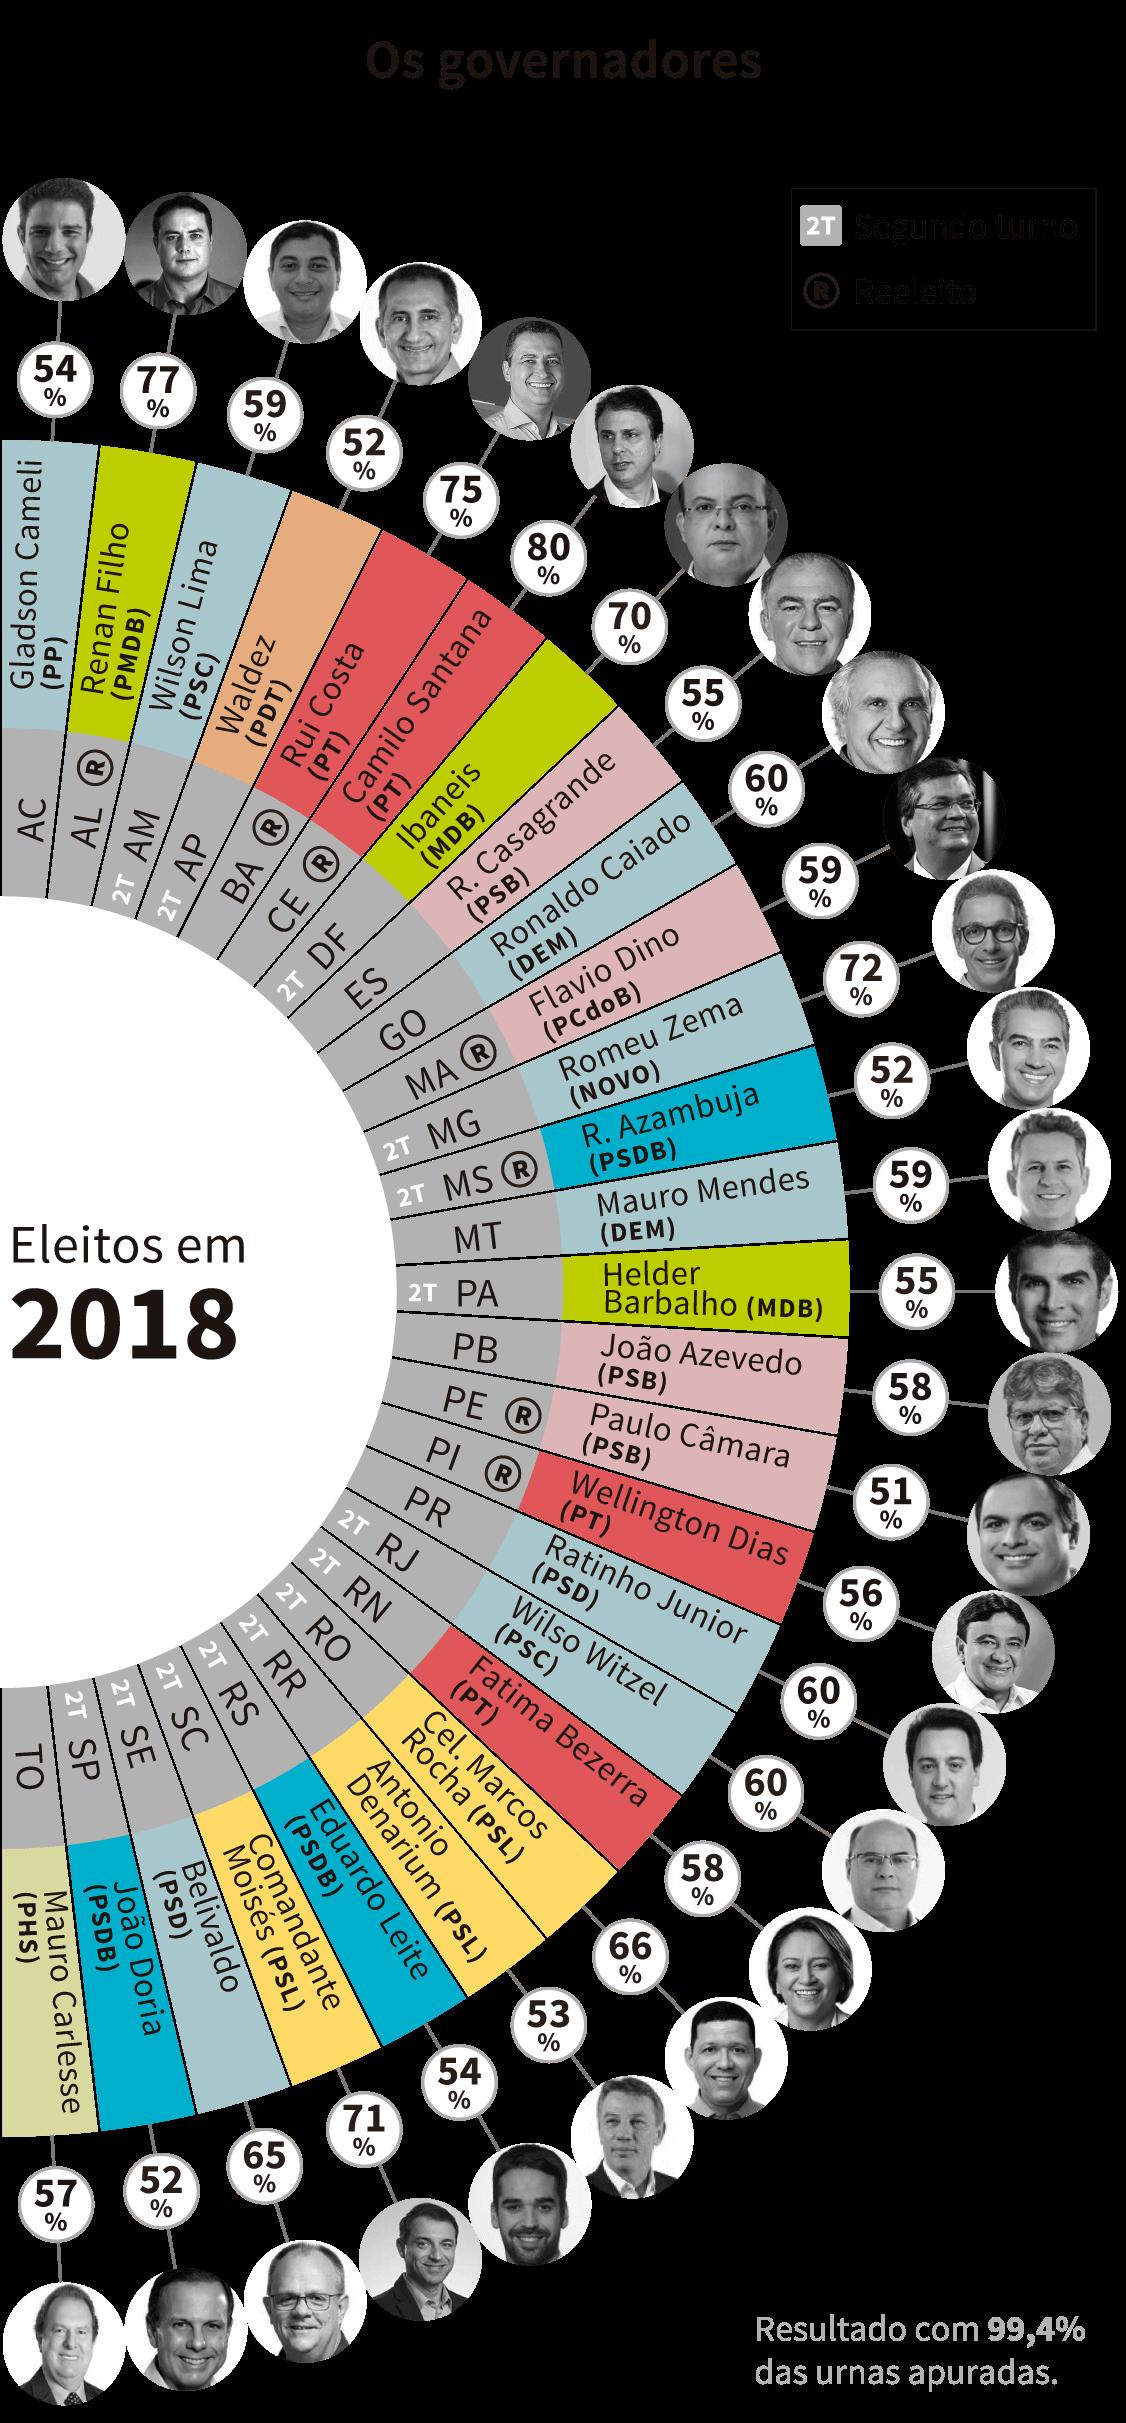 Infográfico: os governadores eleitos em 2018